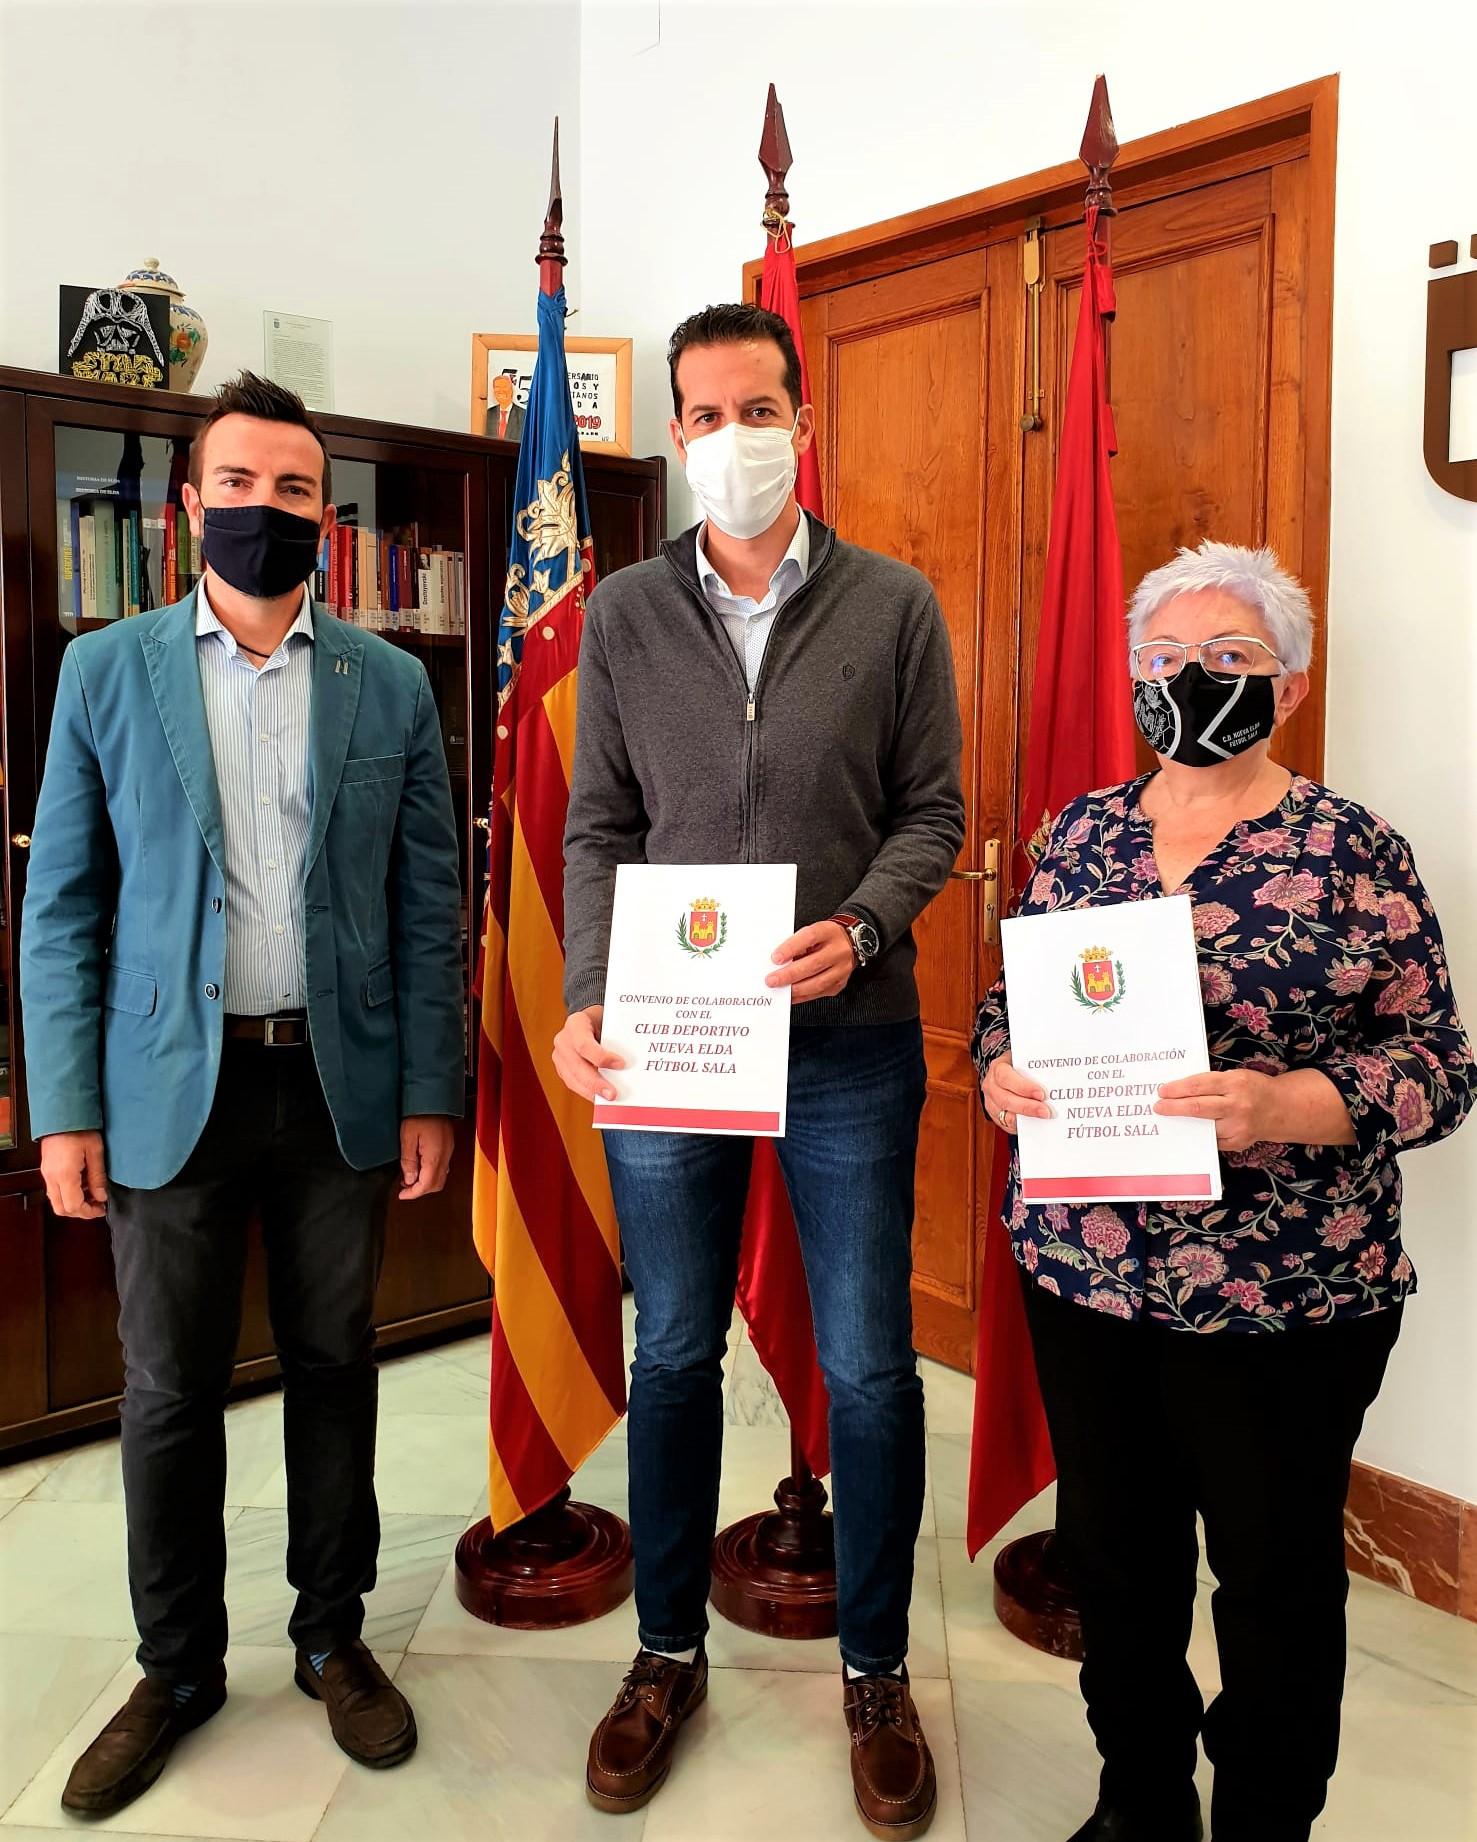 El Ayuntamiento de Elda firma el convenio de colaboración con el Club Deportivo Nueva Elda